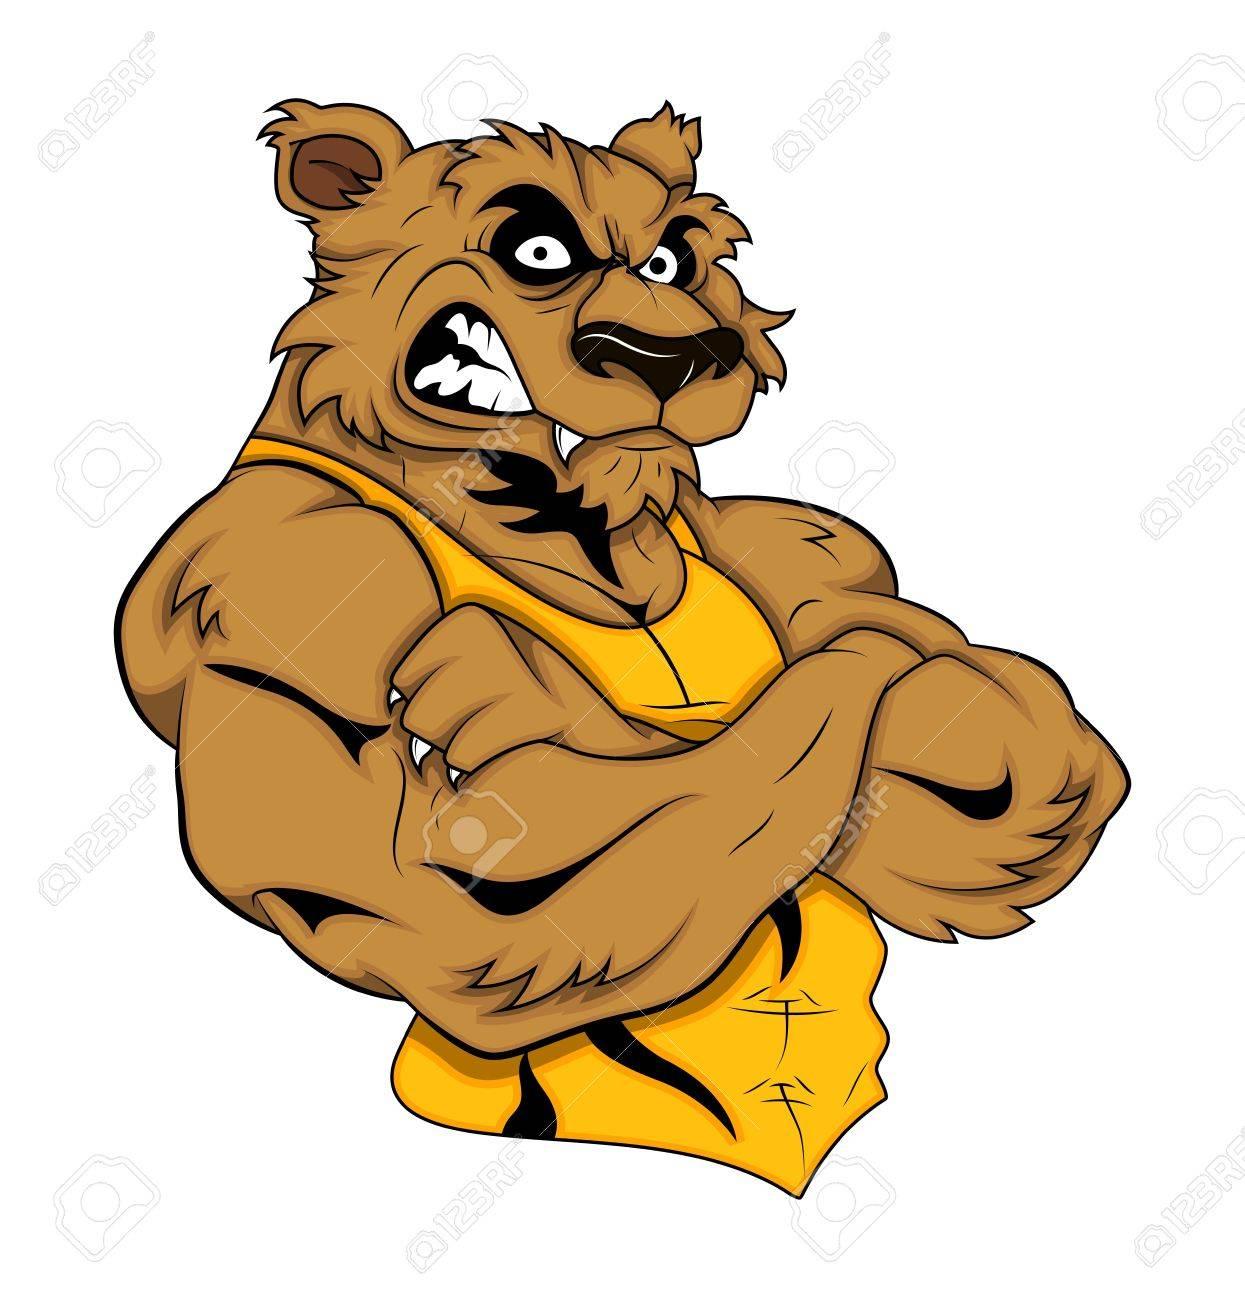 Mascot Tattoo Vector Tiger Stock Vector - 15759300